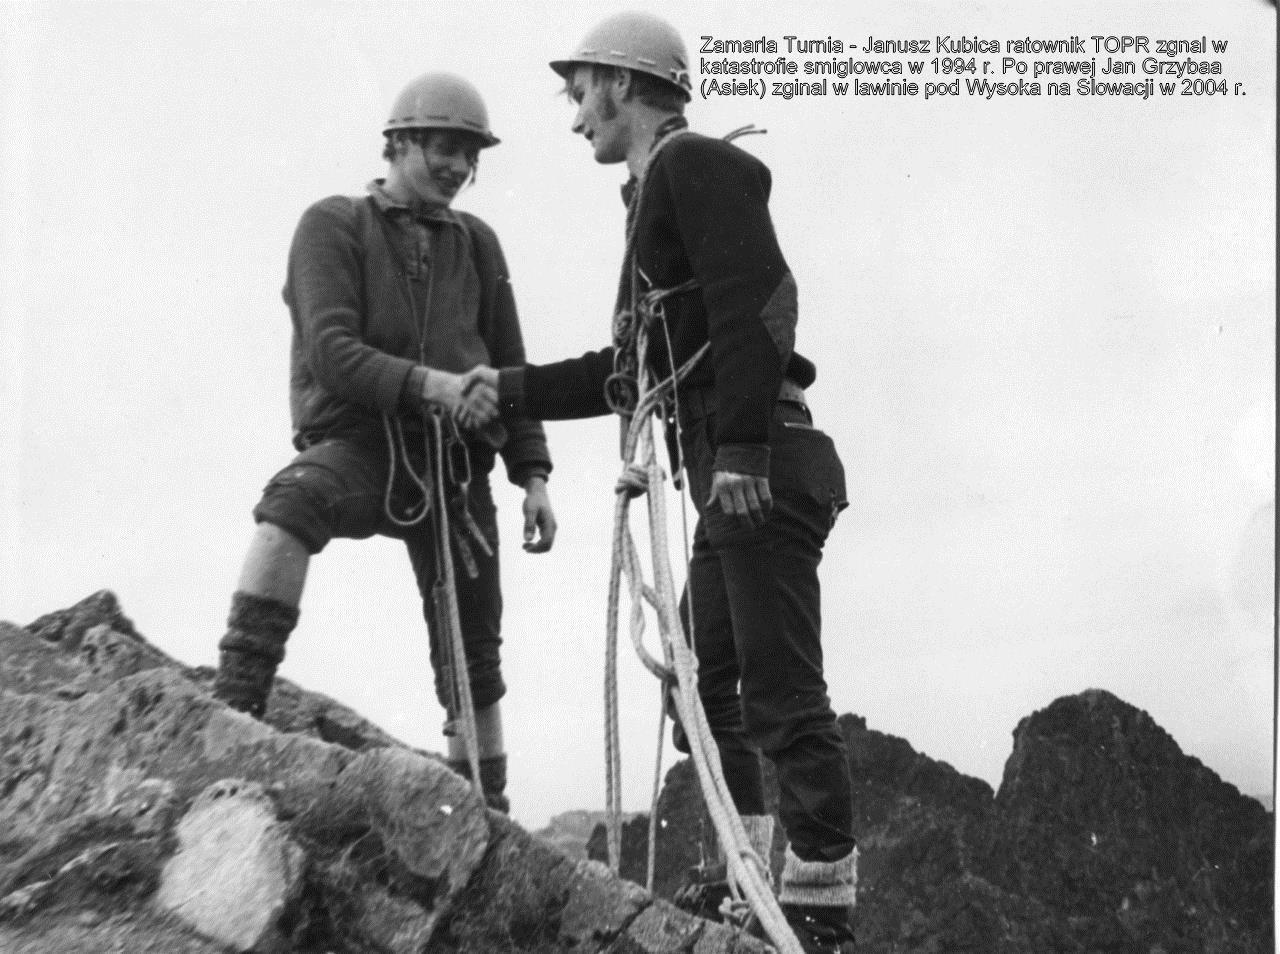 Zamarła Turnia Janusz Kubica ratownik TOPR w Zakopanem zginął w katastrofie helkikopteru 1994 w Tatrach. Po prawej Jan Grzybała ( Asiek ) zgiął w lawinie pod Wysoką na Słowacji w 13 listopad2004 ro